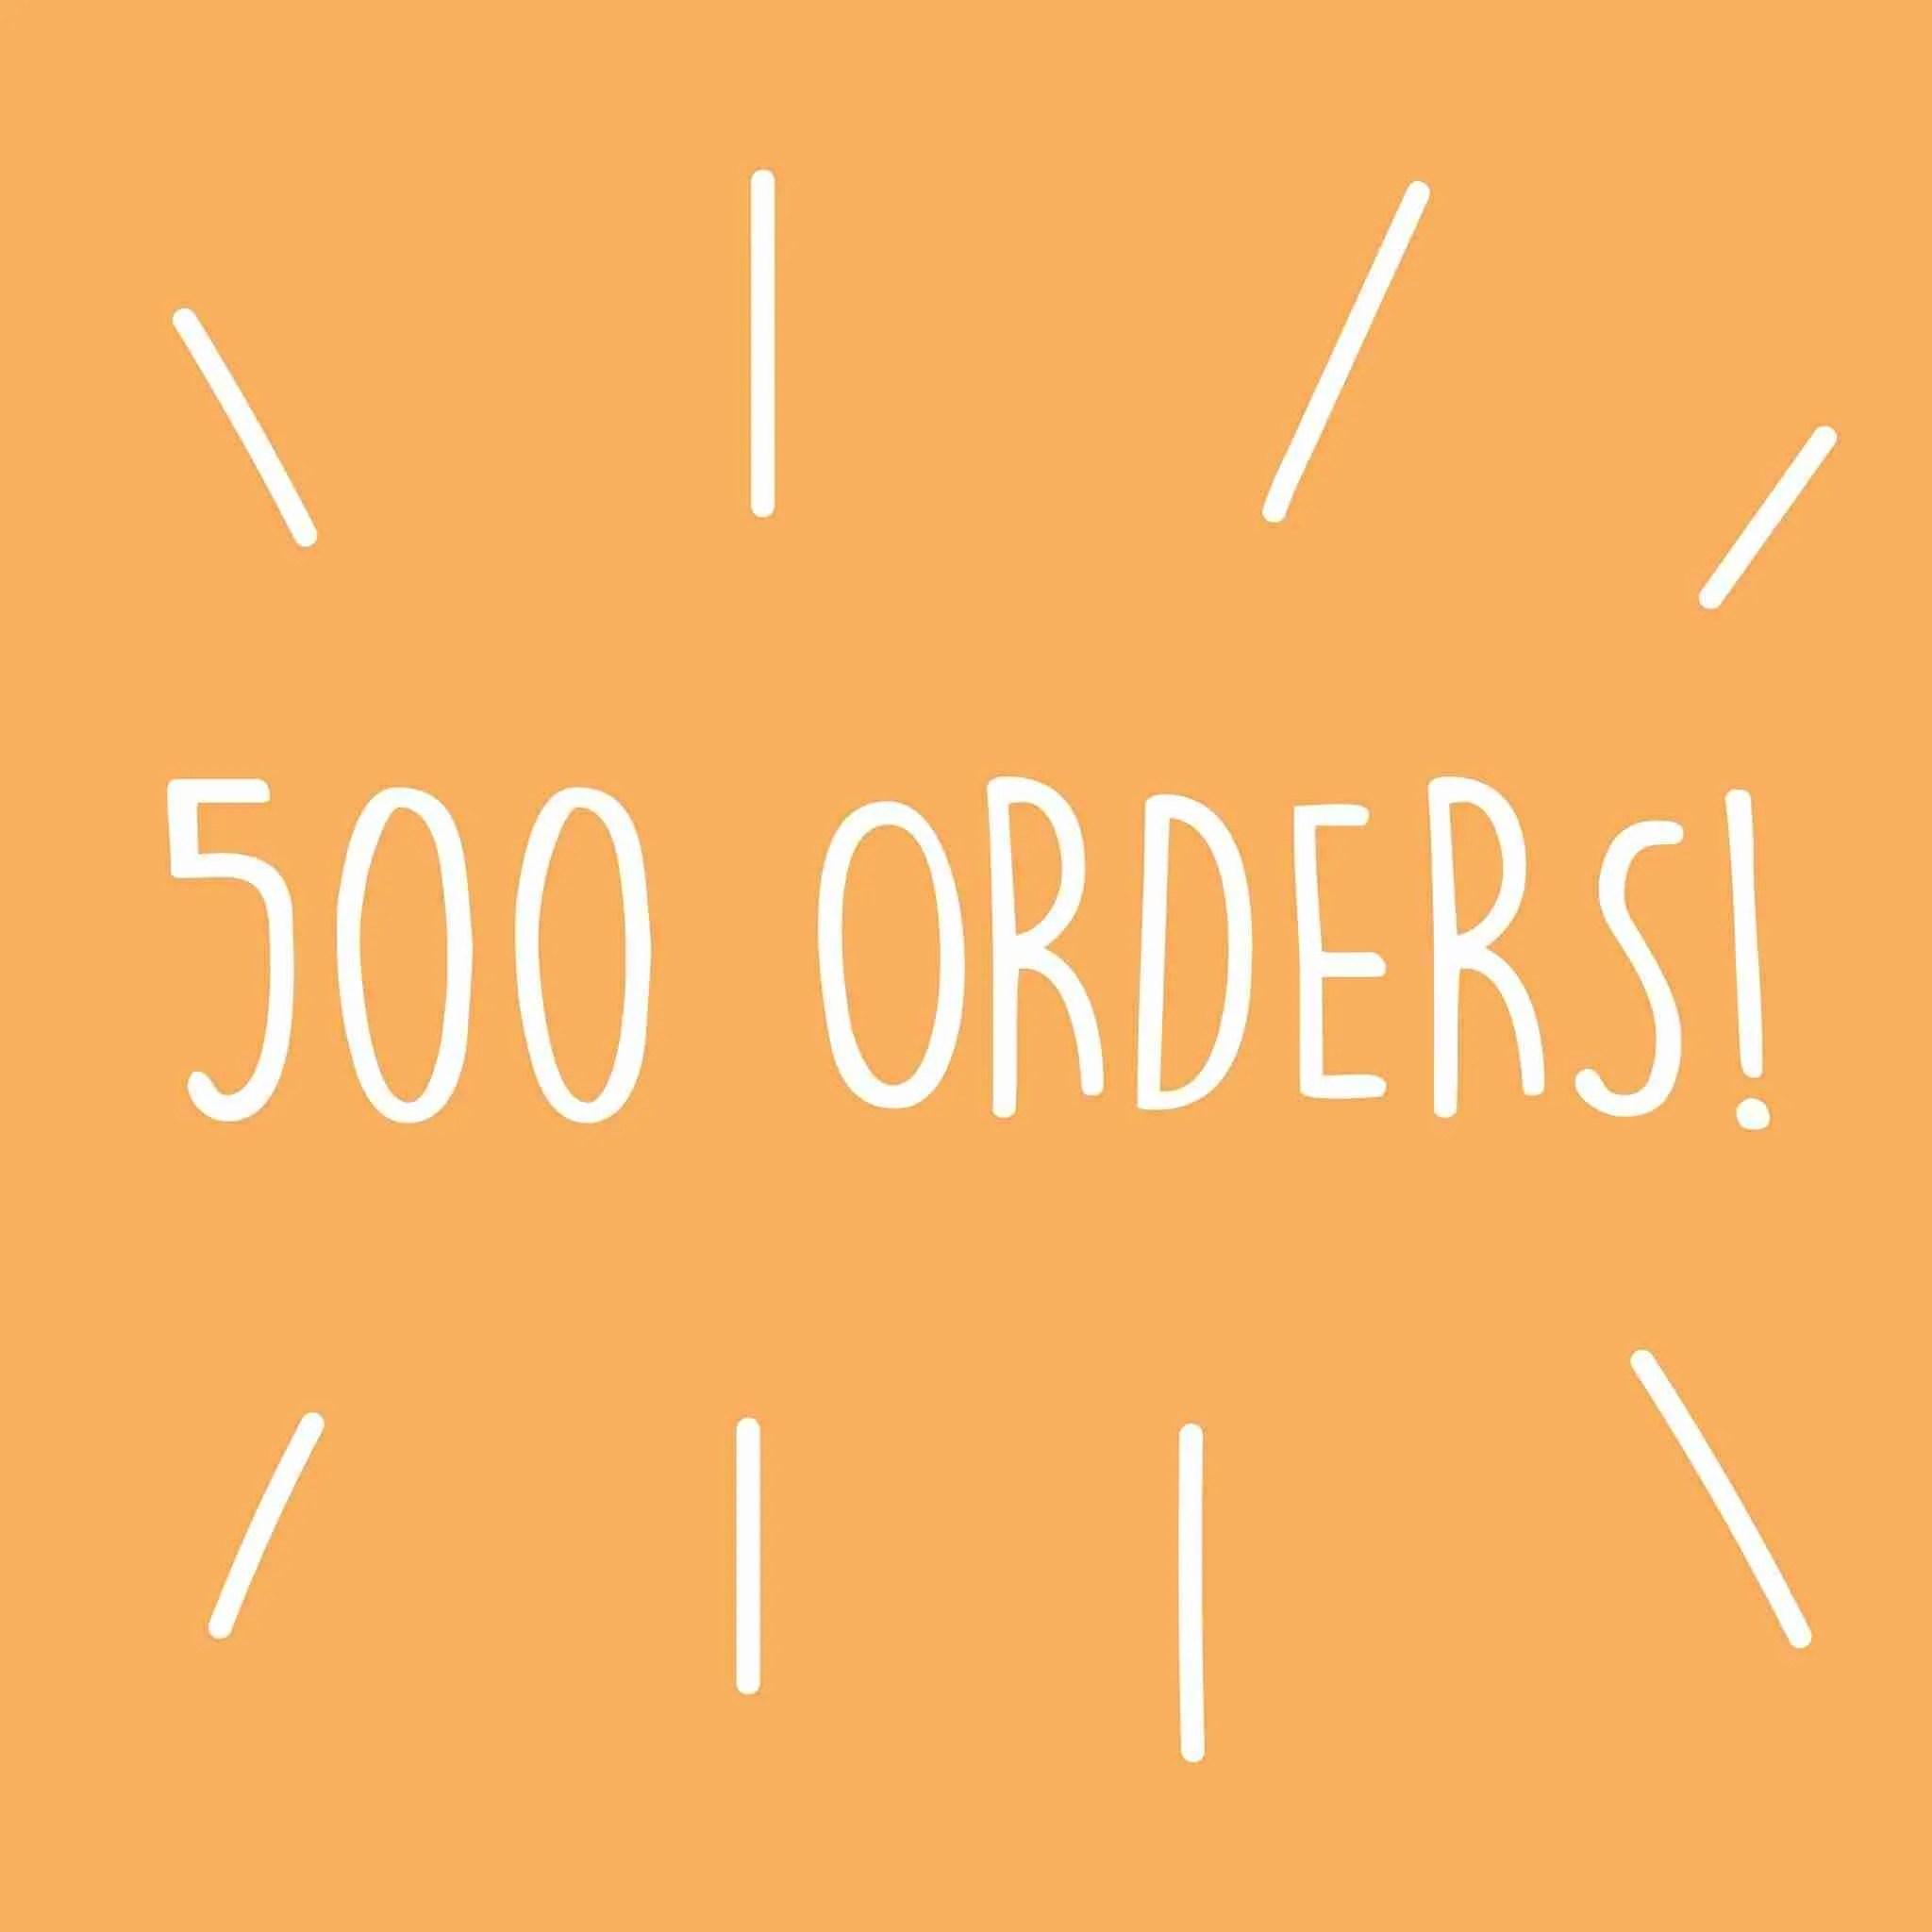 500 Orders!